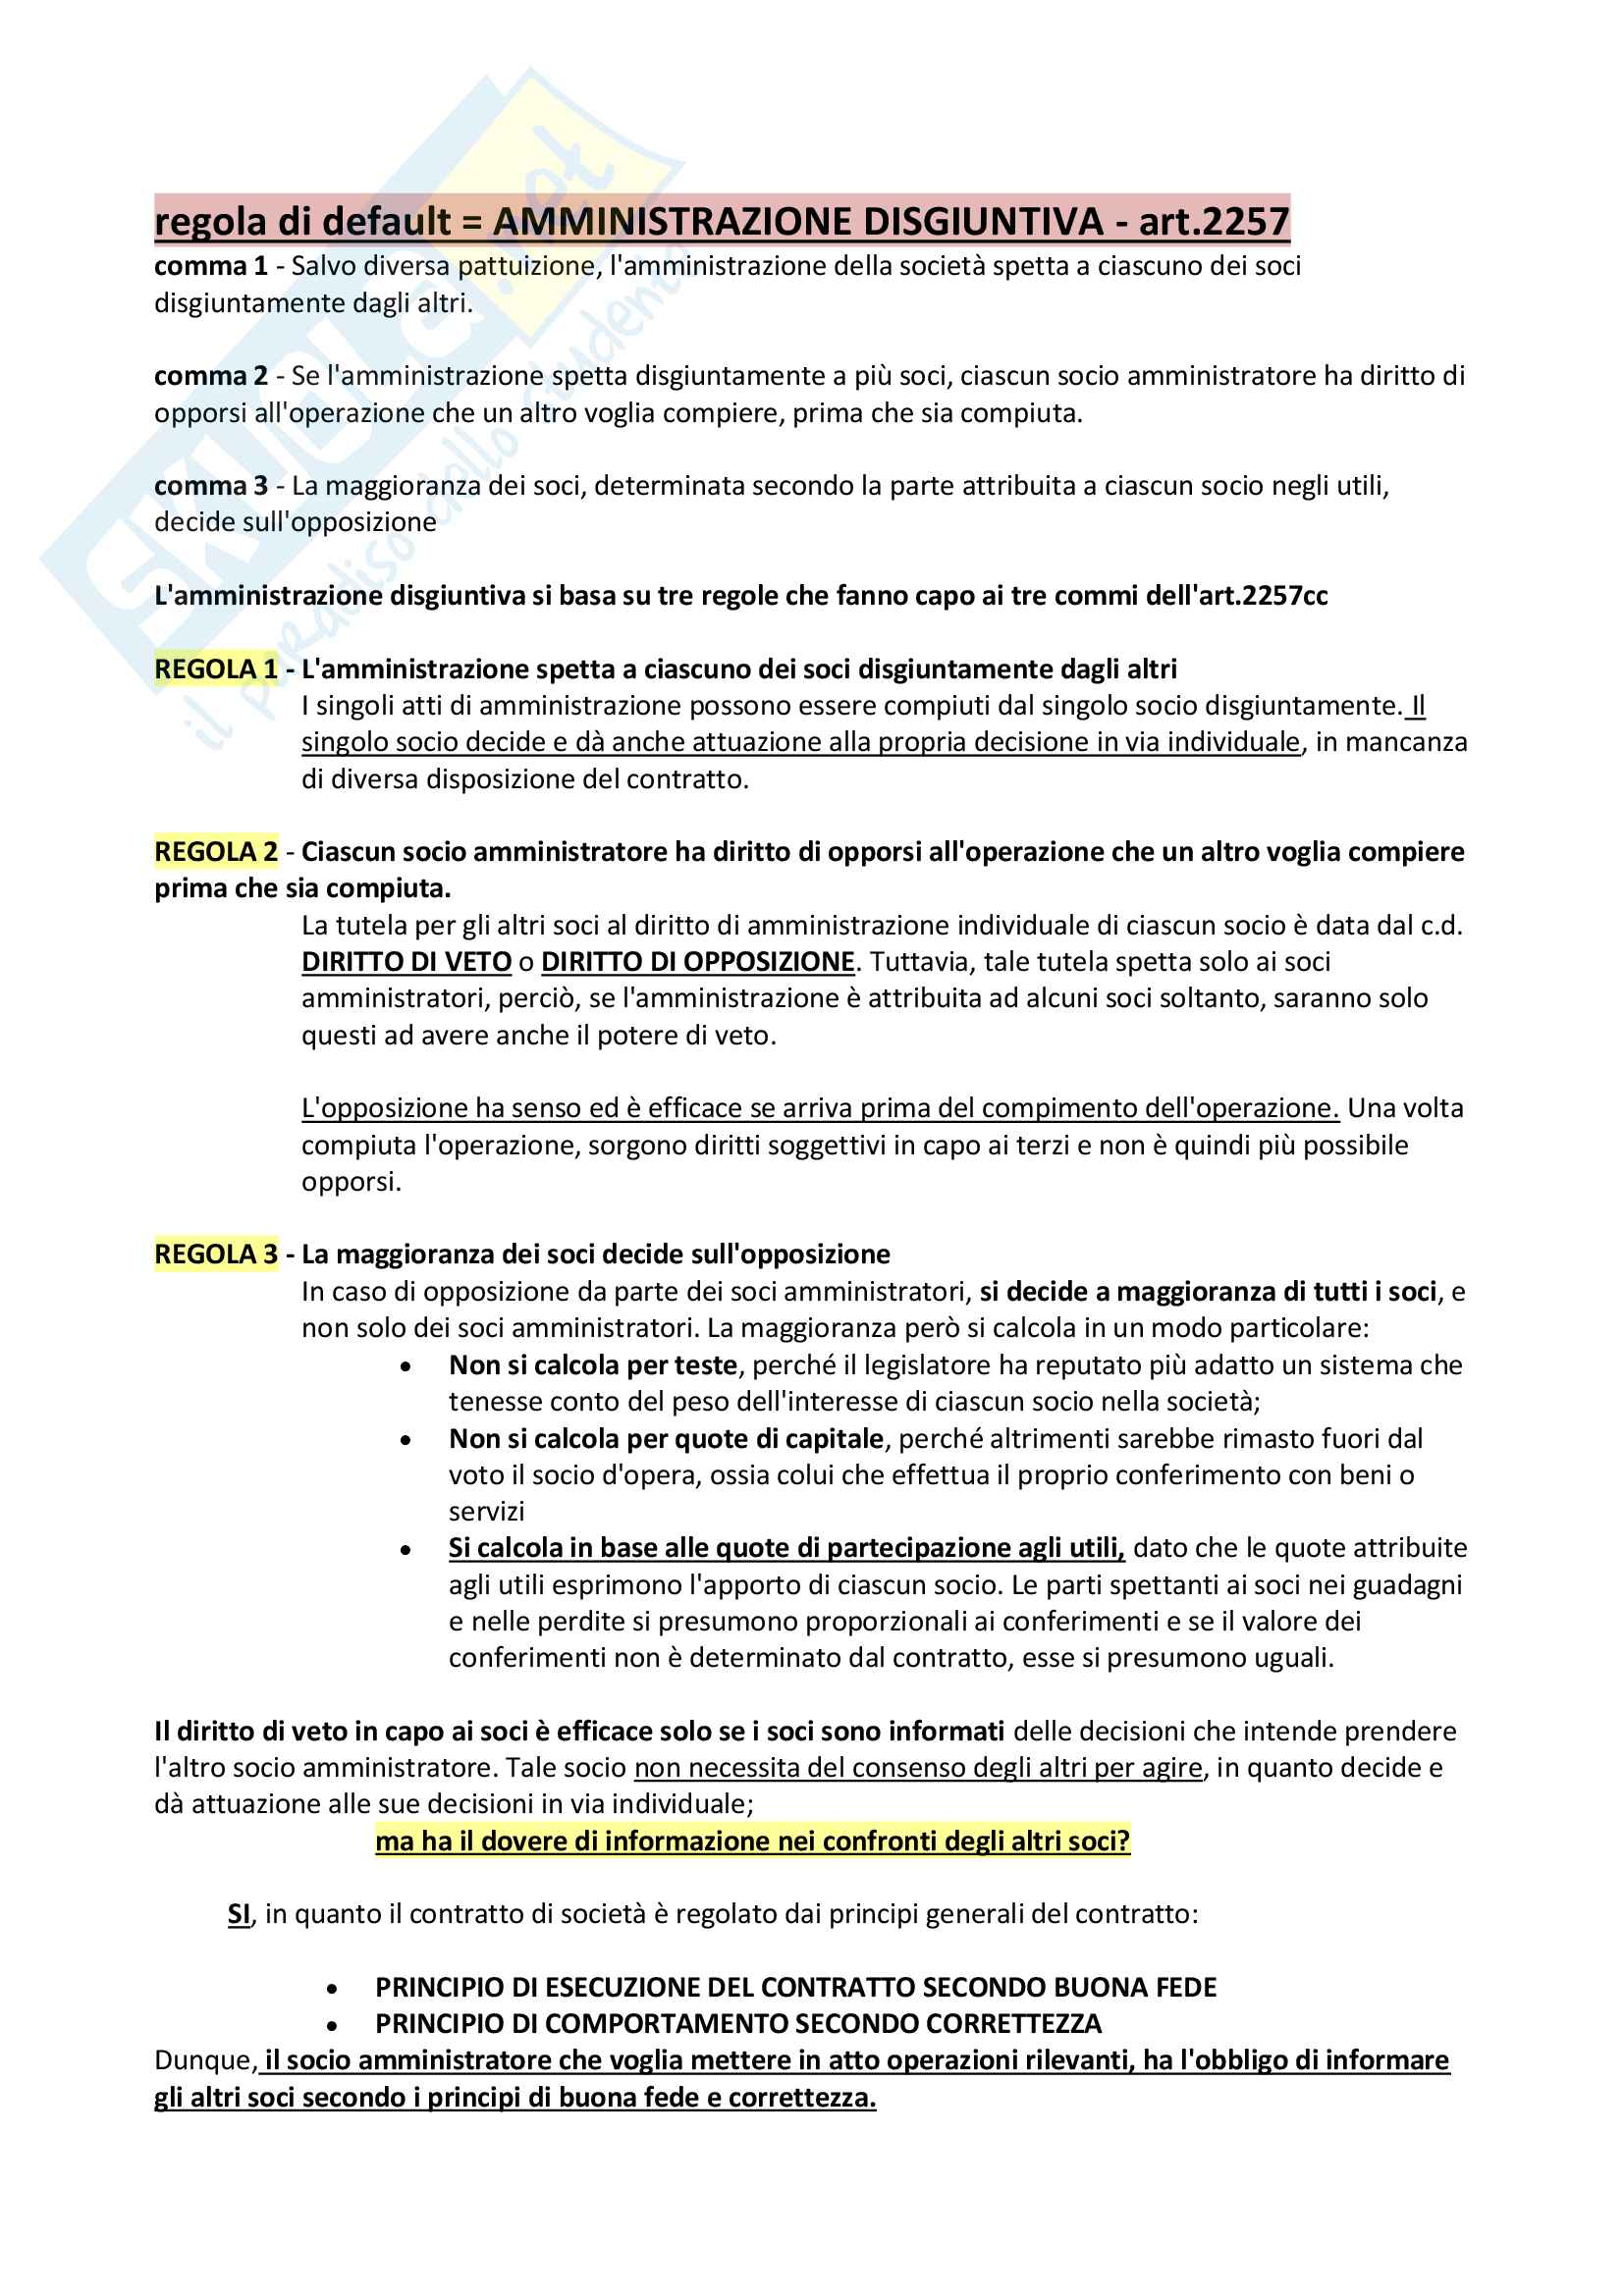 Riassunto + appunti di diritto delle società Pag. 81